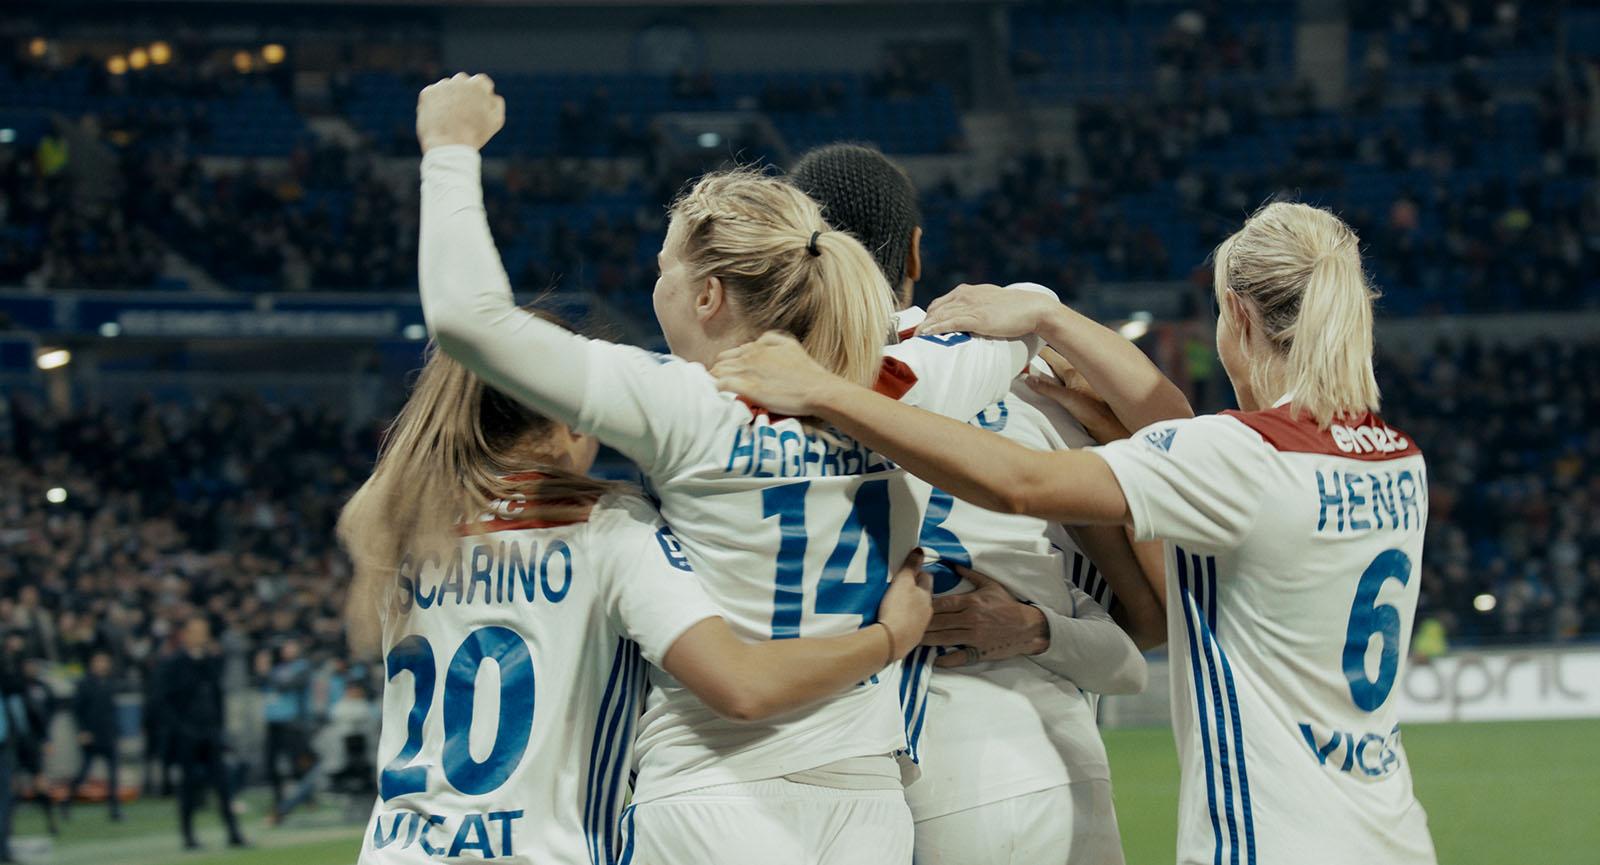 «Les Joueuses» : un documentaire qui met le football féminin de haut niveau dans la lumière